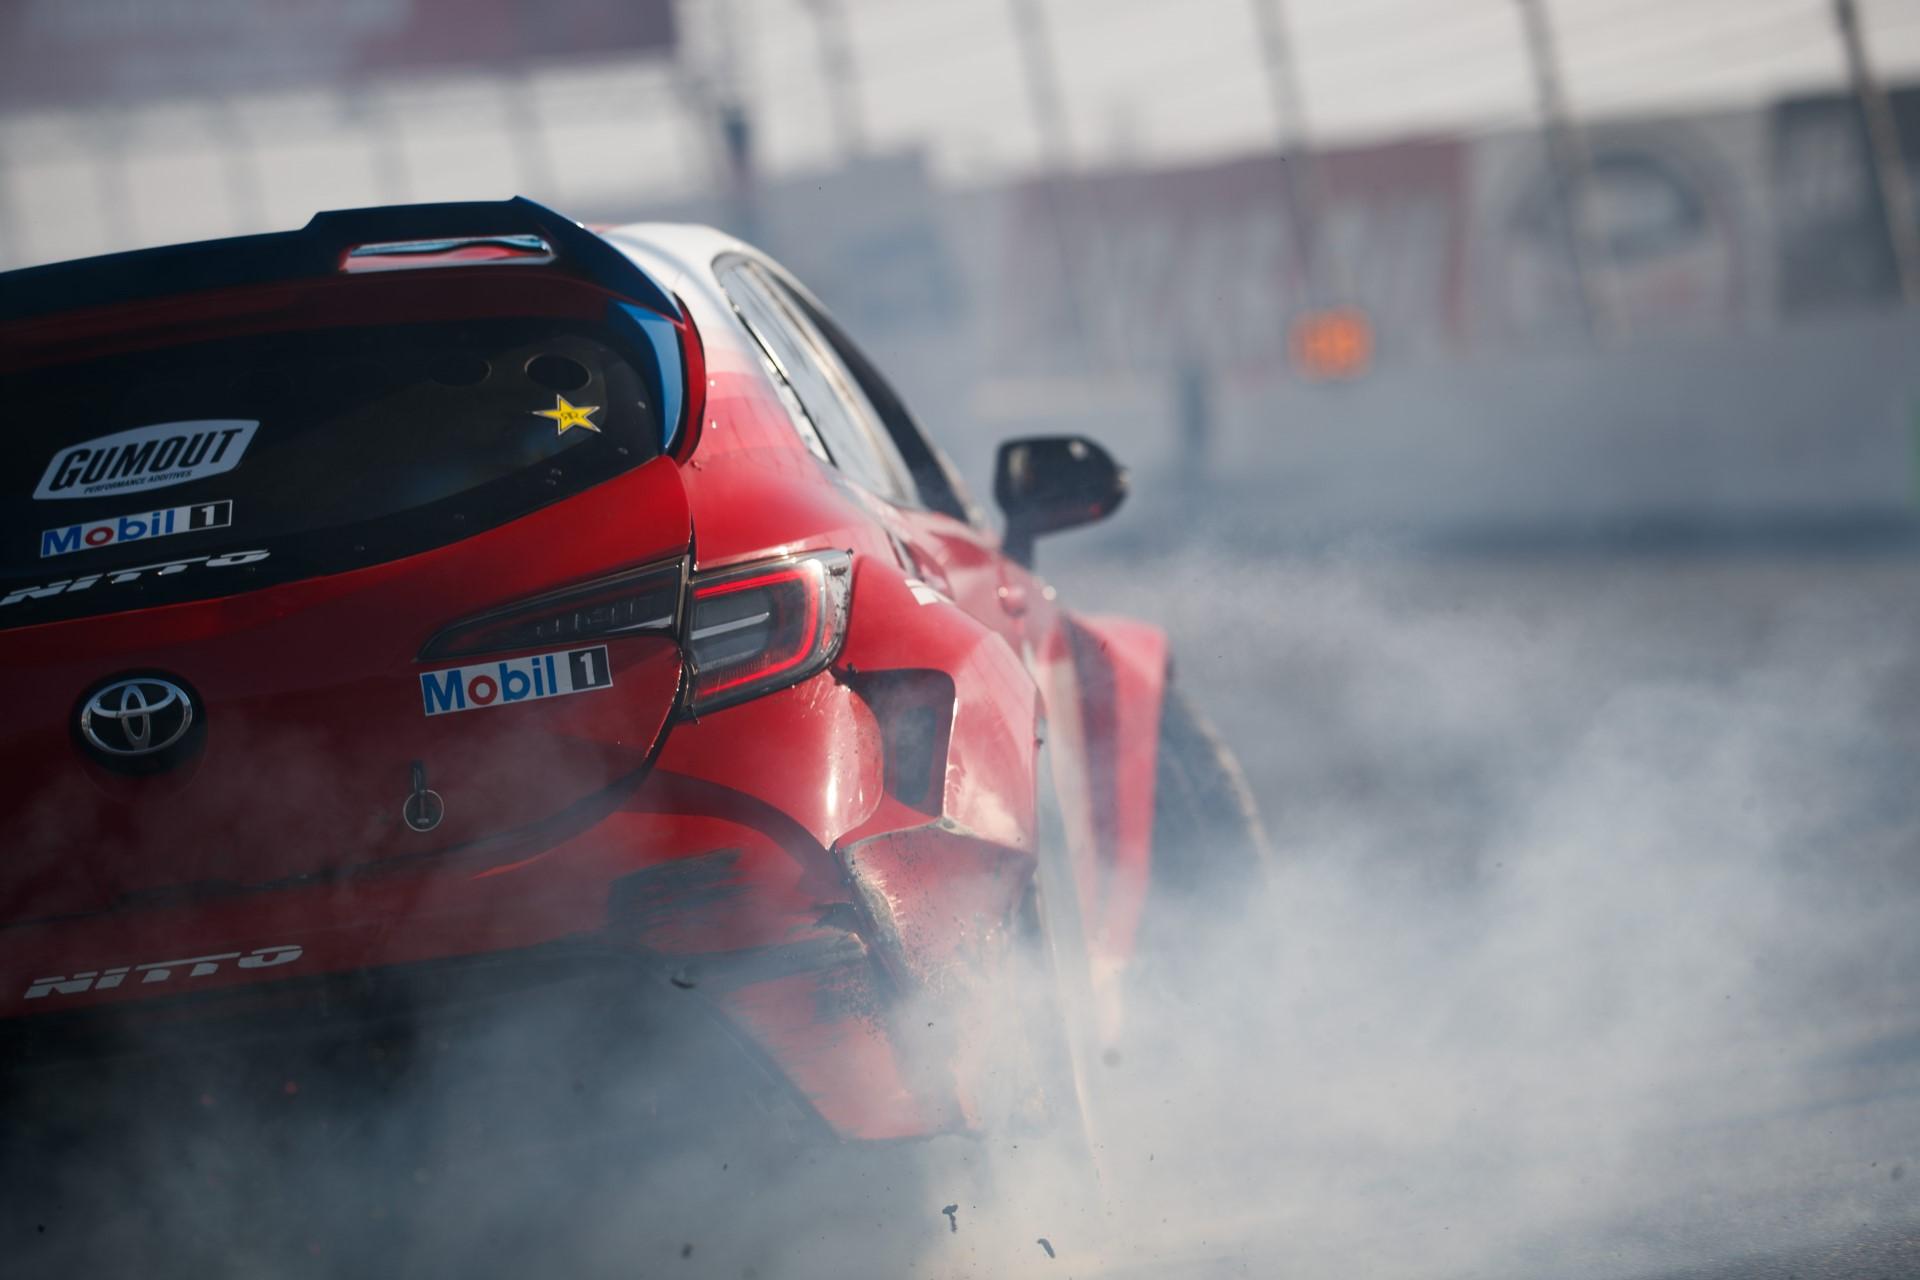 bc-racing-na-ryan-tuerck-gallery-2388